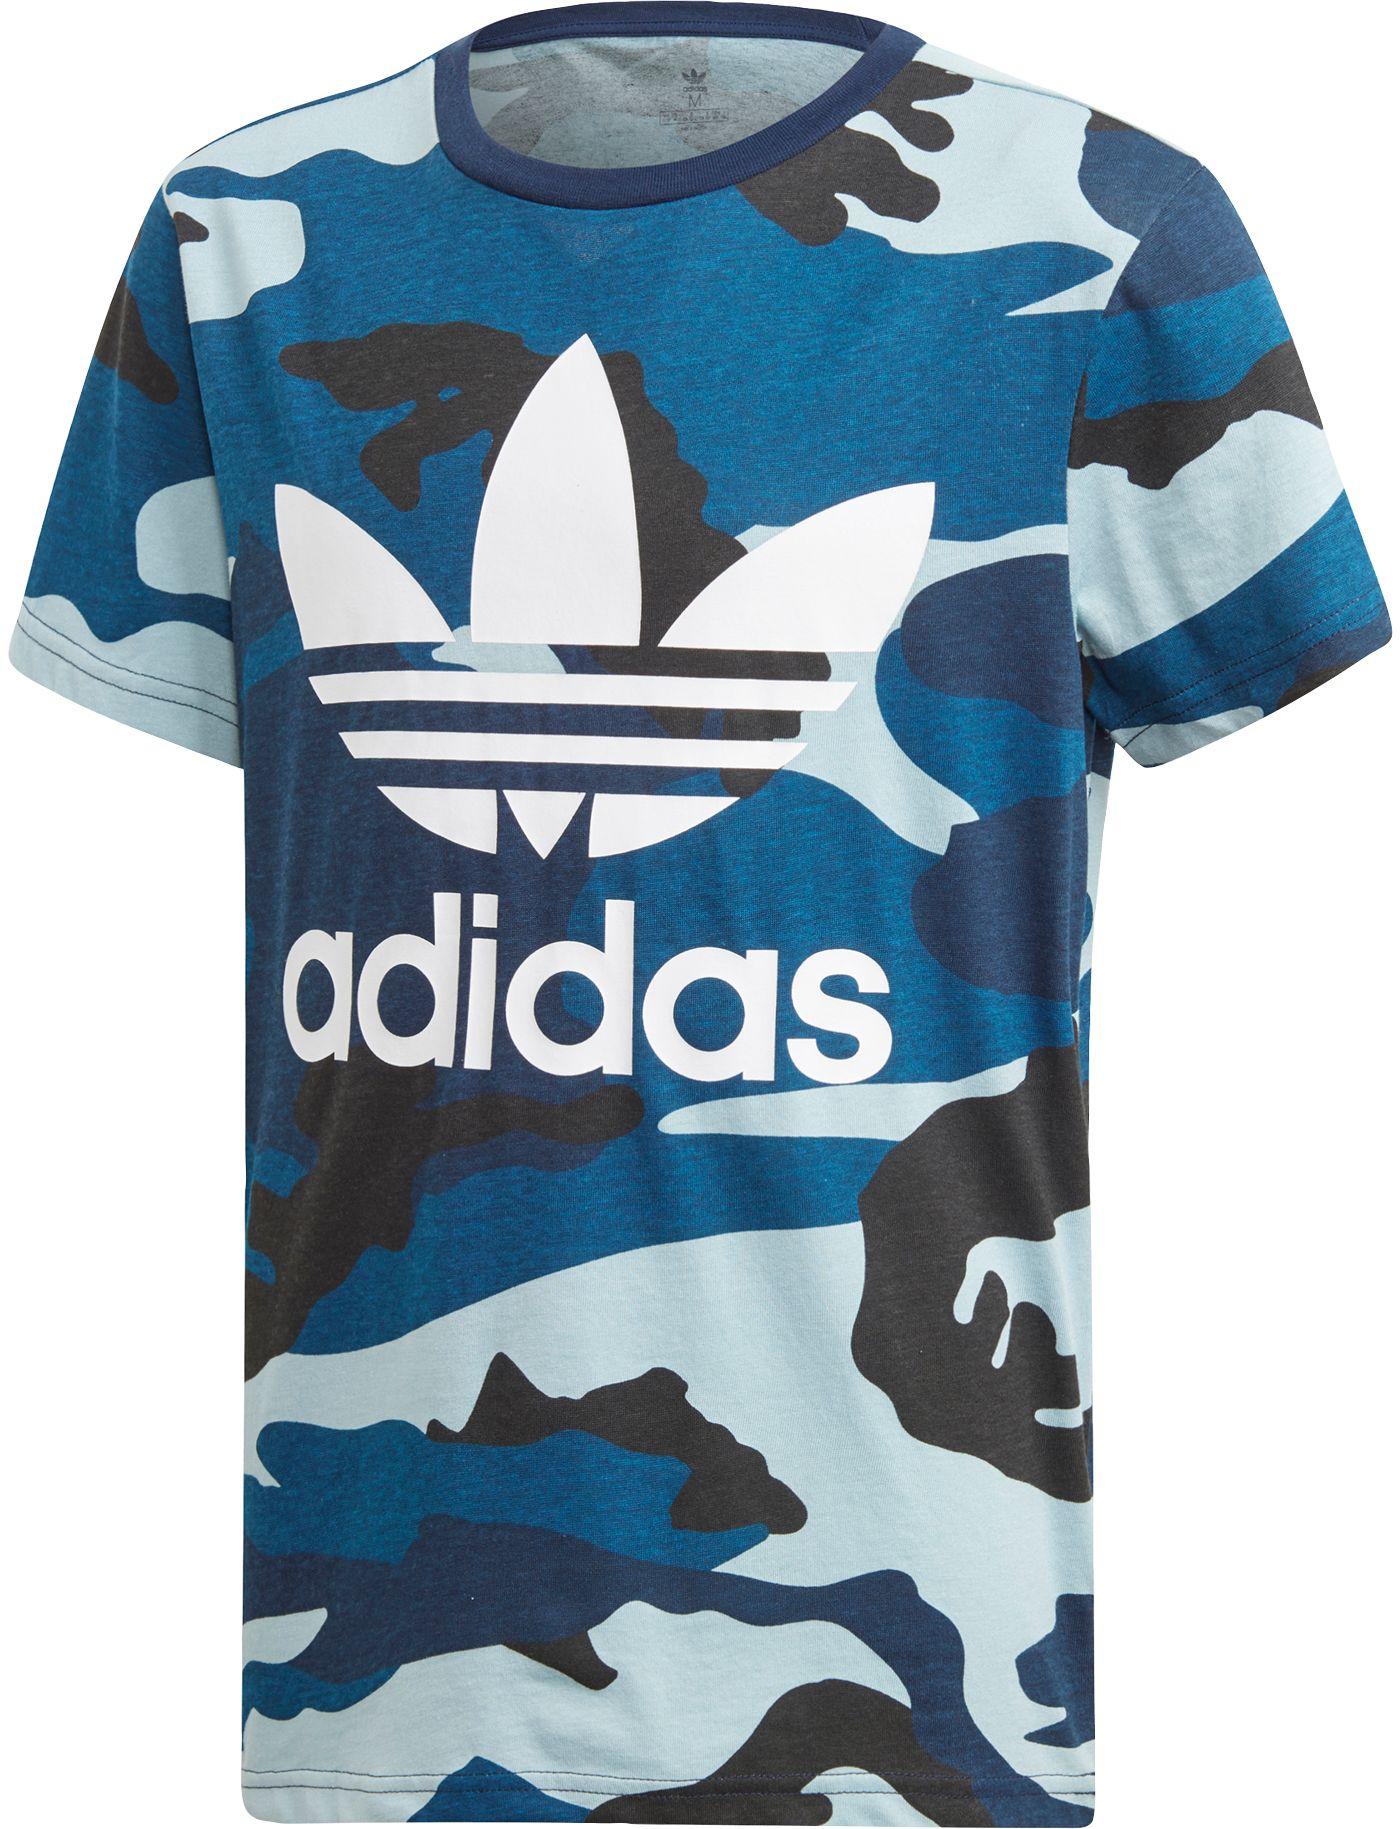 adidas Originals Boys' Printed Camo T-Shirt